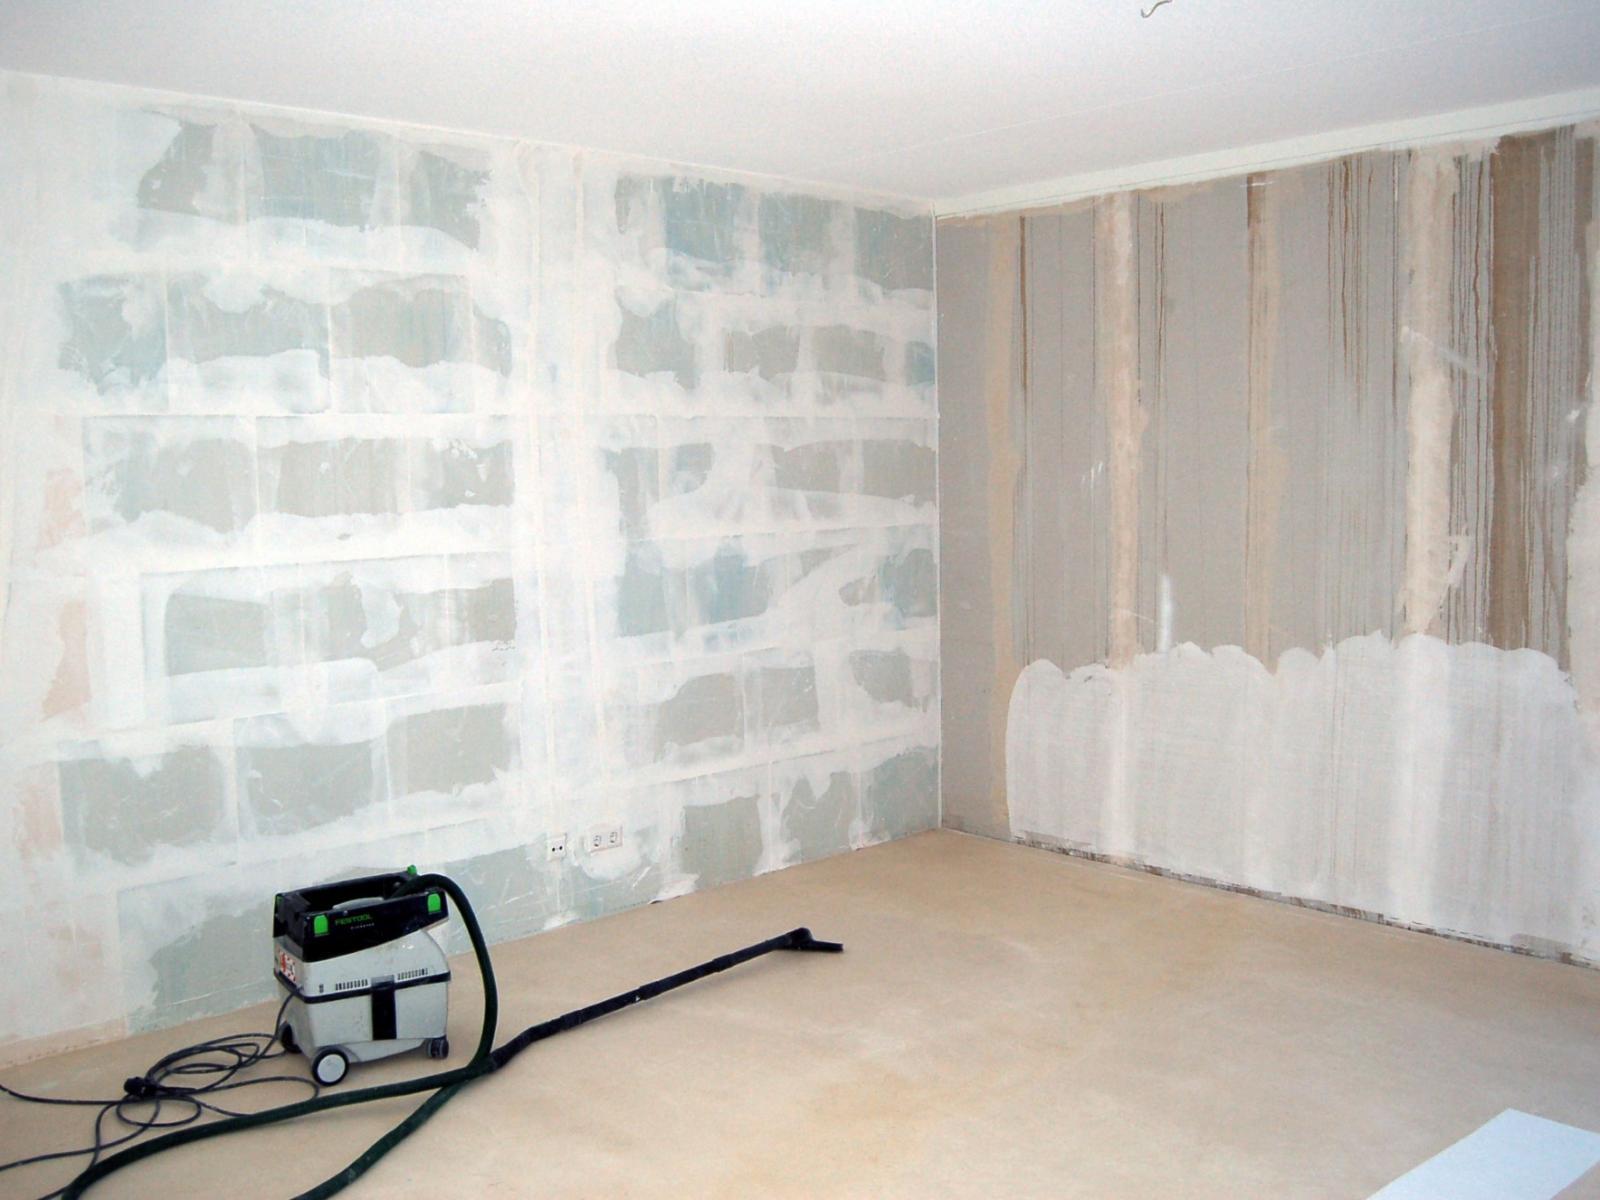 Glasweefselbehang aanbrengen en schilderwerk Den Haag